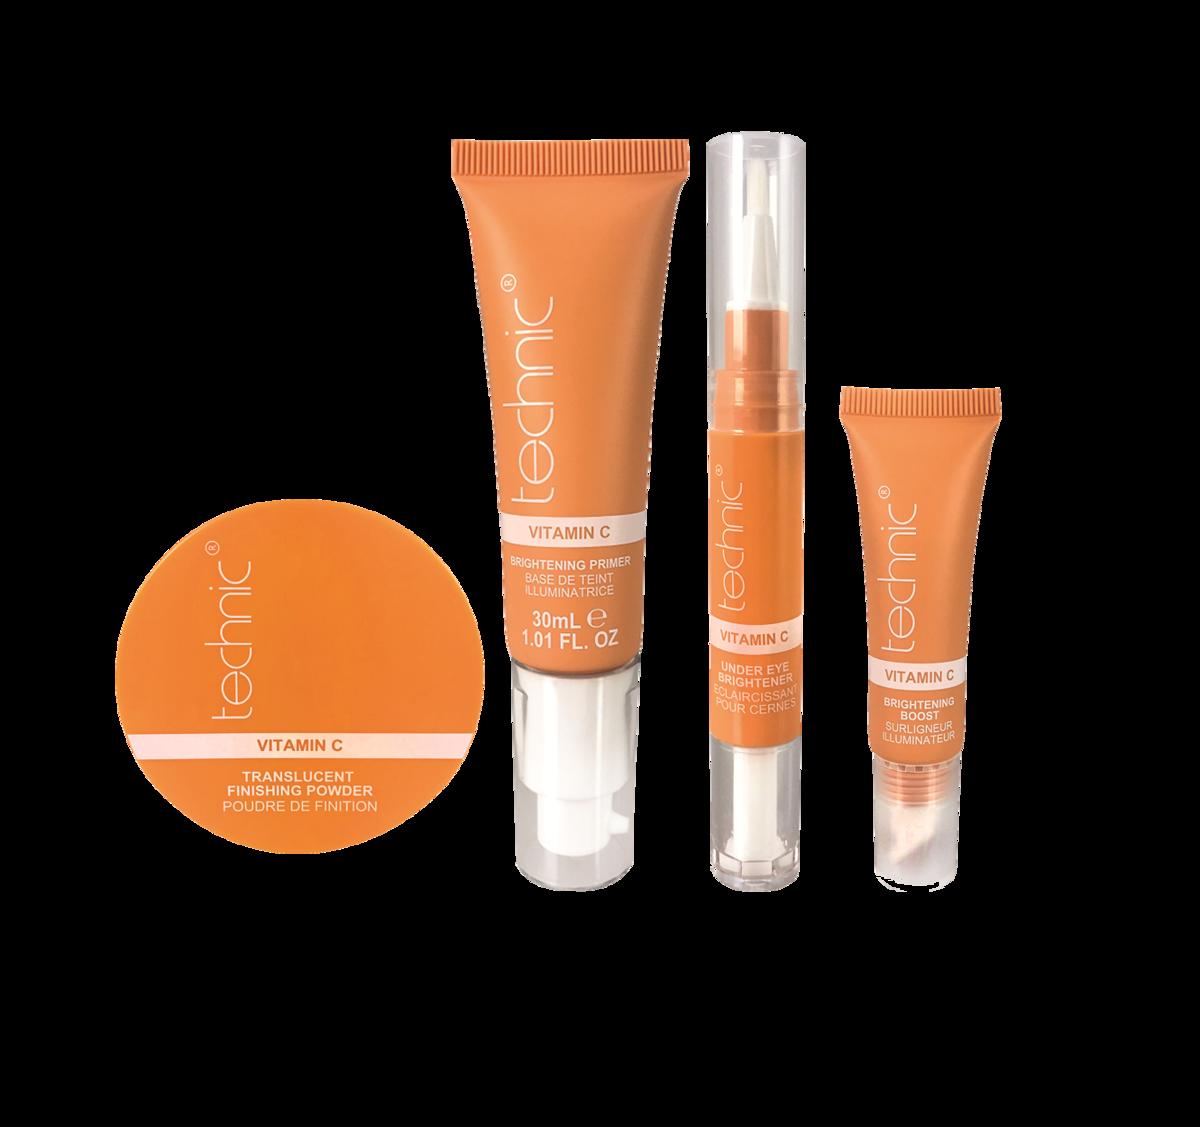 Technic Vitamin C Skincare Collection